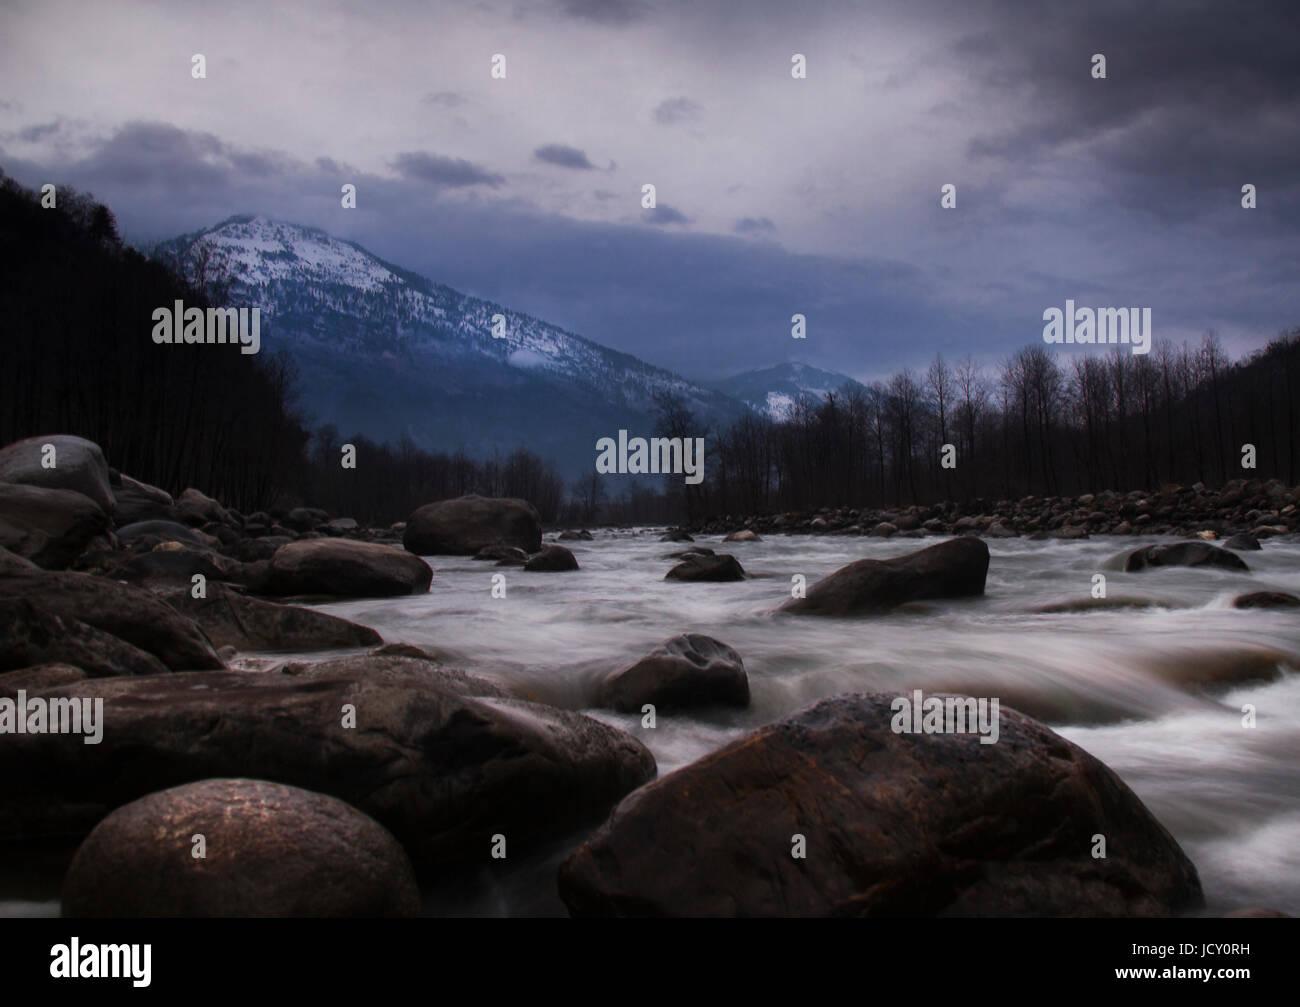 Himalayan river - Stock Image